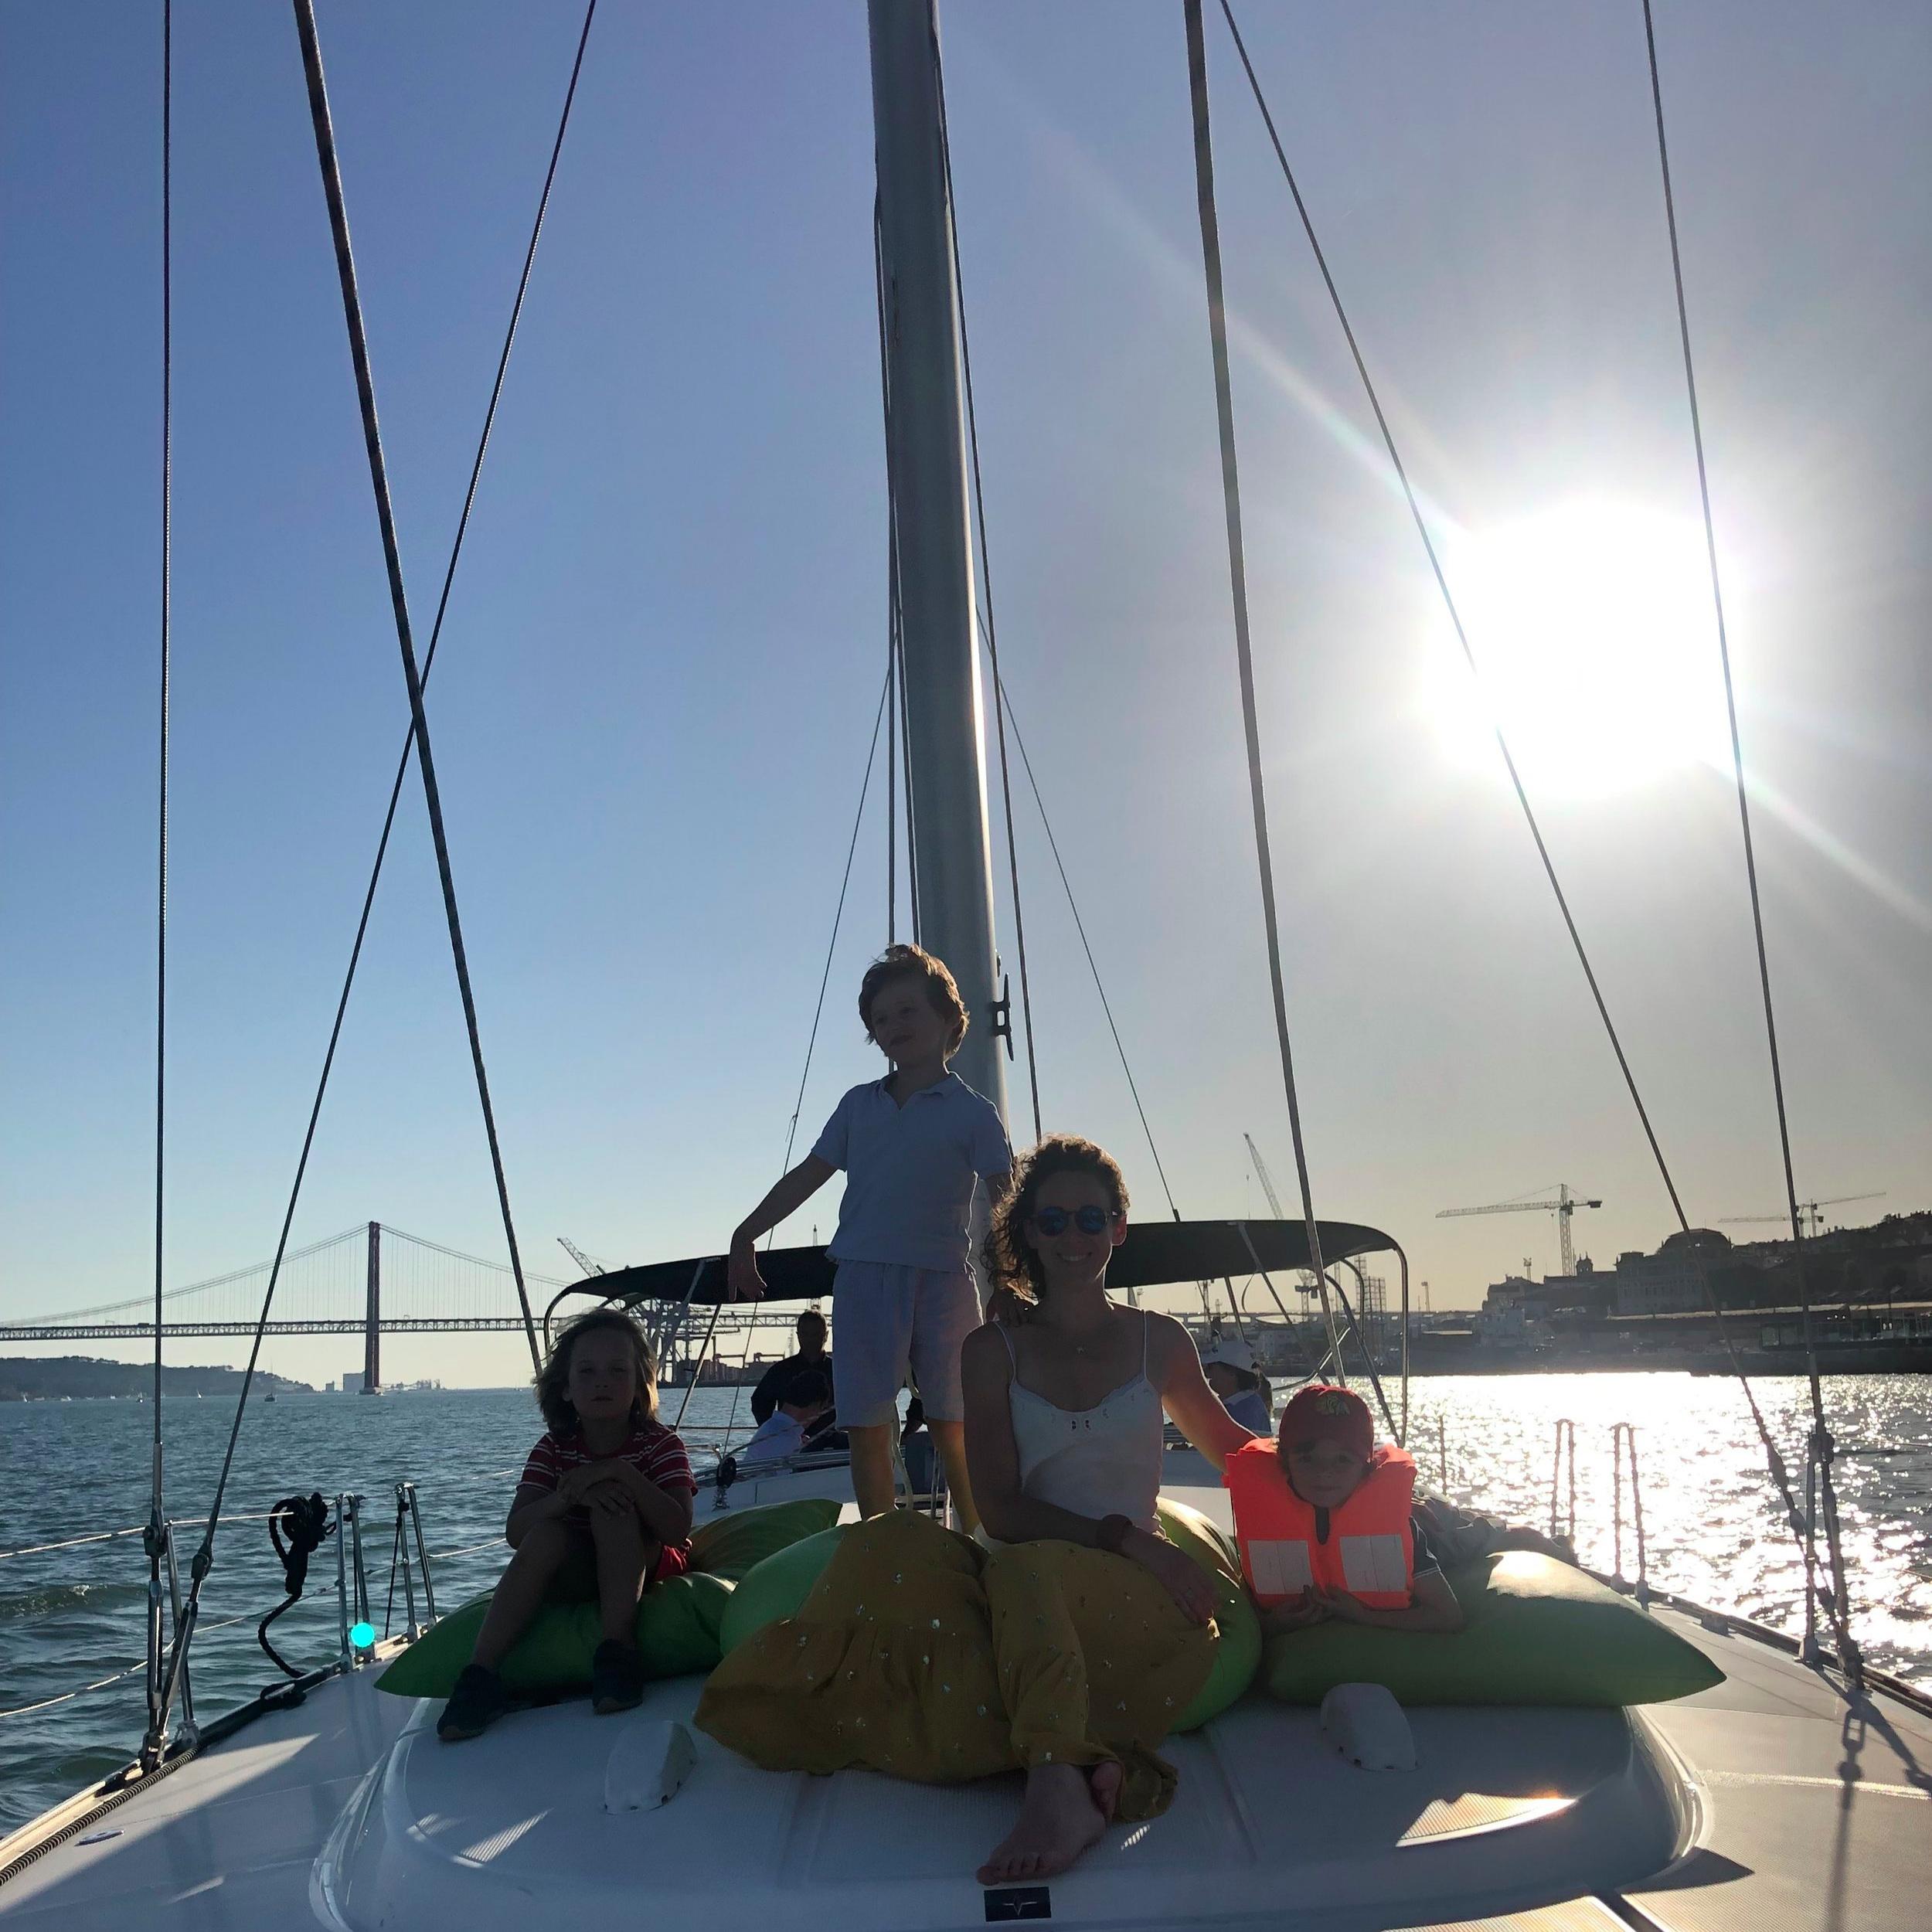 LISBON SIGHT SAILING - ❤️ORIANE❤️Doca de Santo Amaro, 1350-353 Lisboa21 605 1078Un moment privilégié sur un bateau luxueux pour un bel événement en famille ou entre amis !Um momento privilegiado num barco luxuoso para um belo acontecimento em família ou entre amigos !